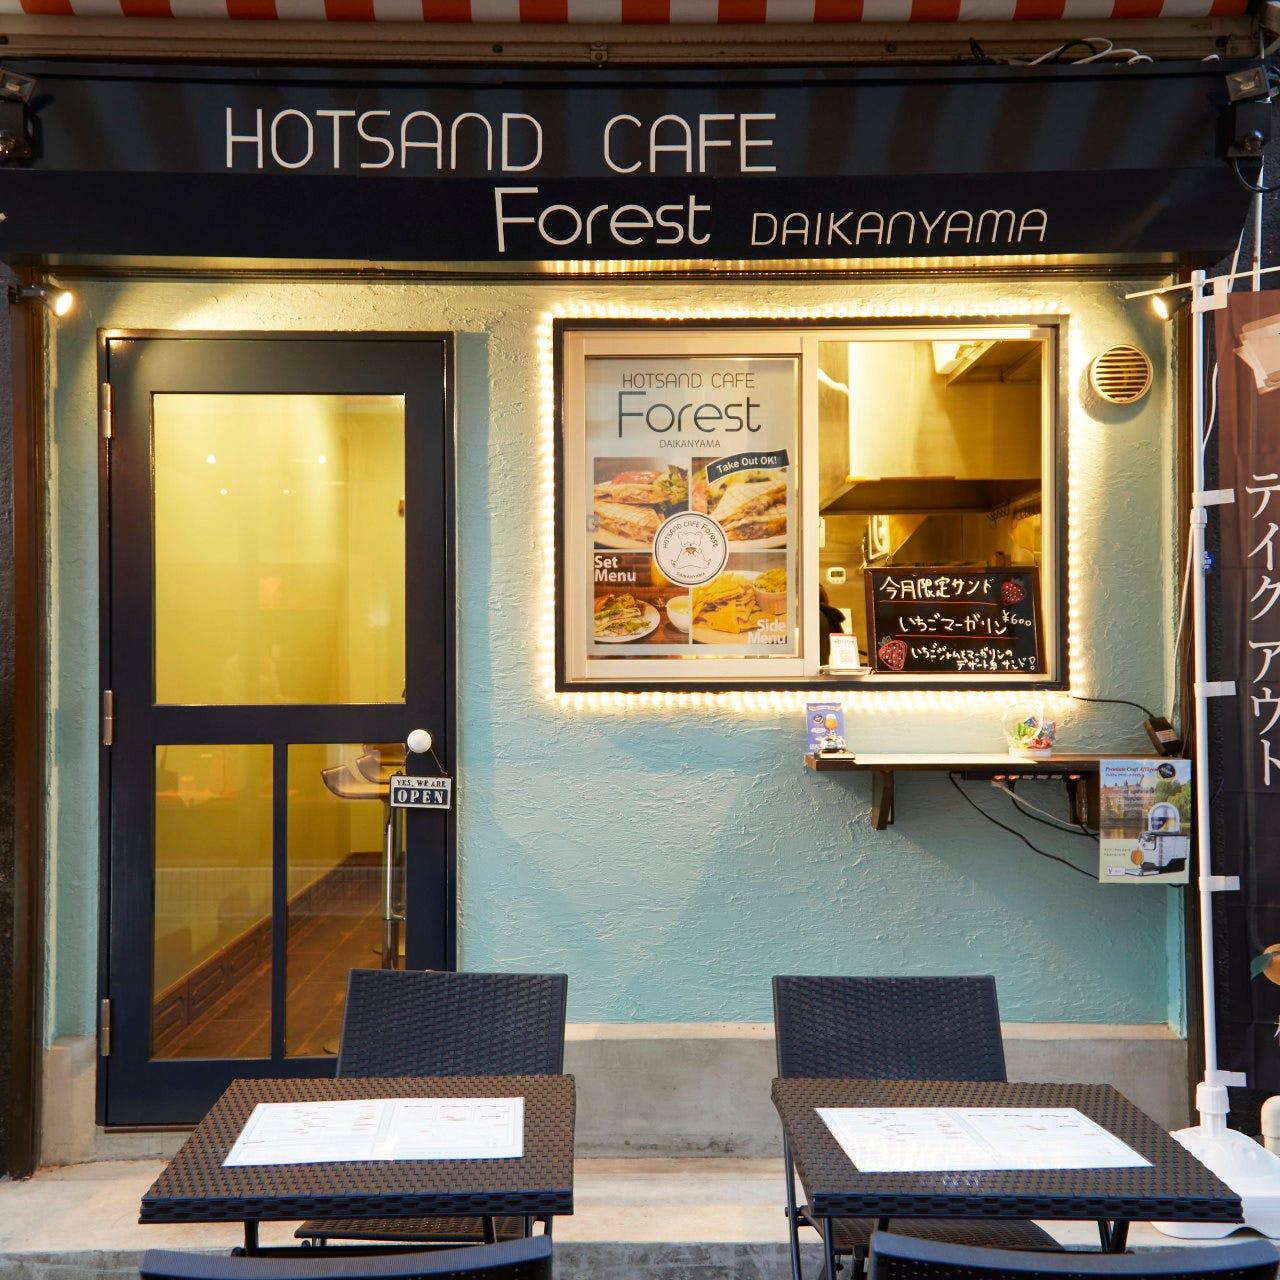 HOTSAND CAFE Forest DAIKANYAMA